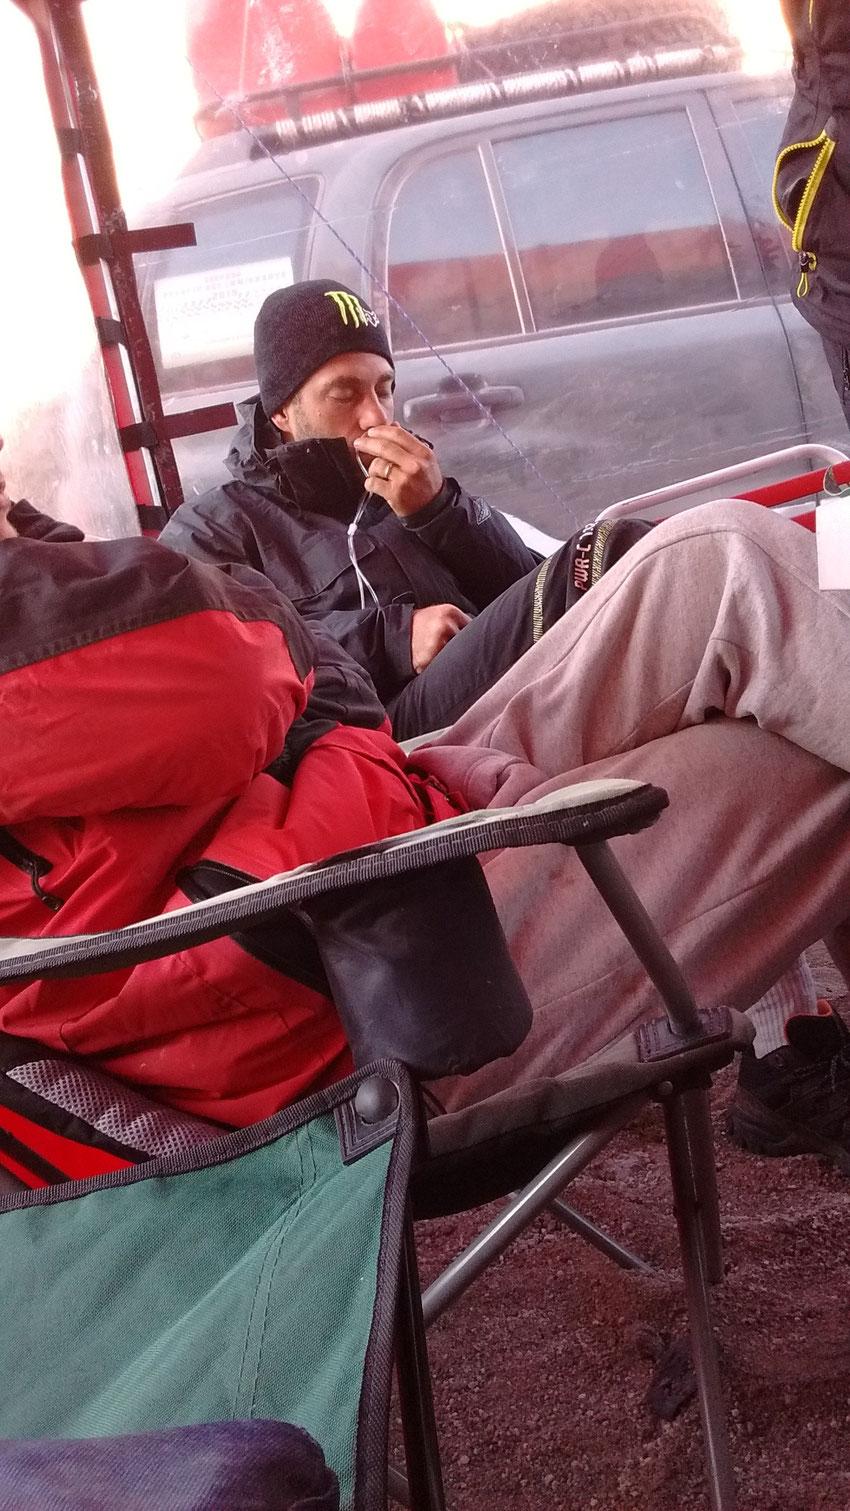 Con un fuerte dolor de cabeza desde el día anterior, Gerardo es asistido por la mochila de oxígeno y rápidamente se recupera, no volviendo a tener necesidad de usarlo.